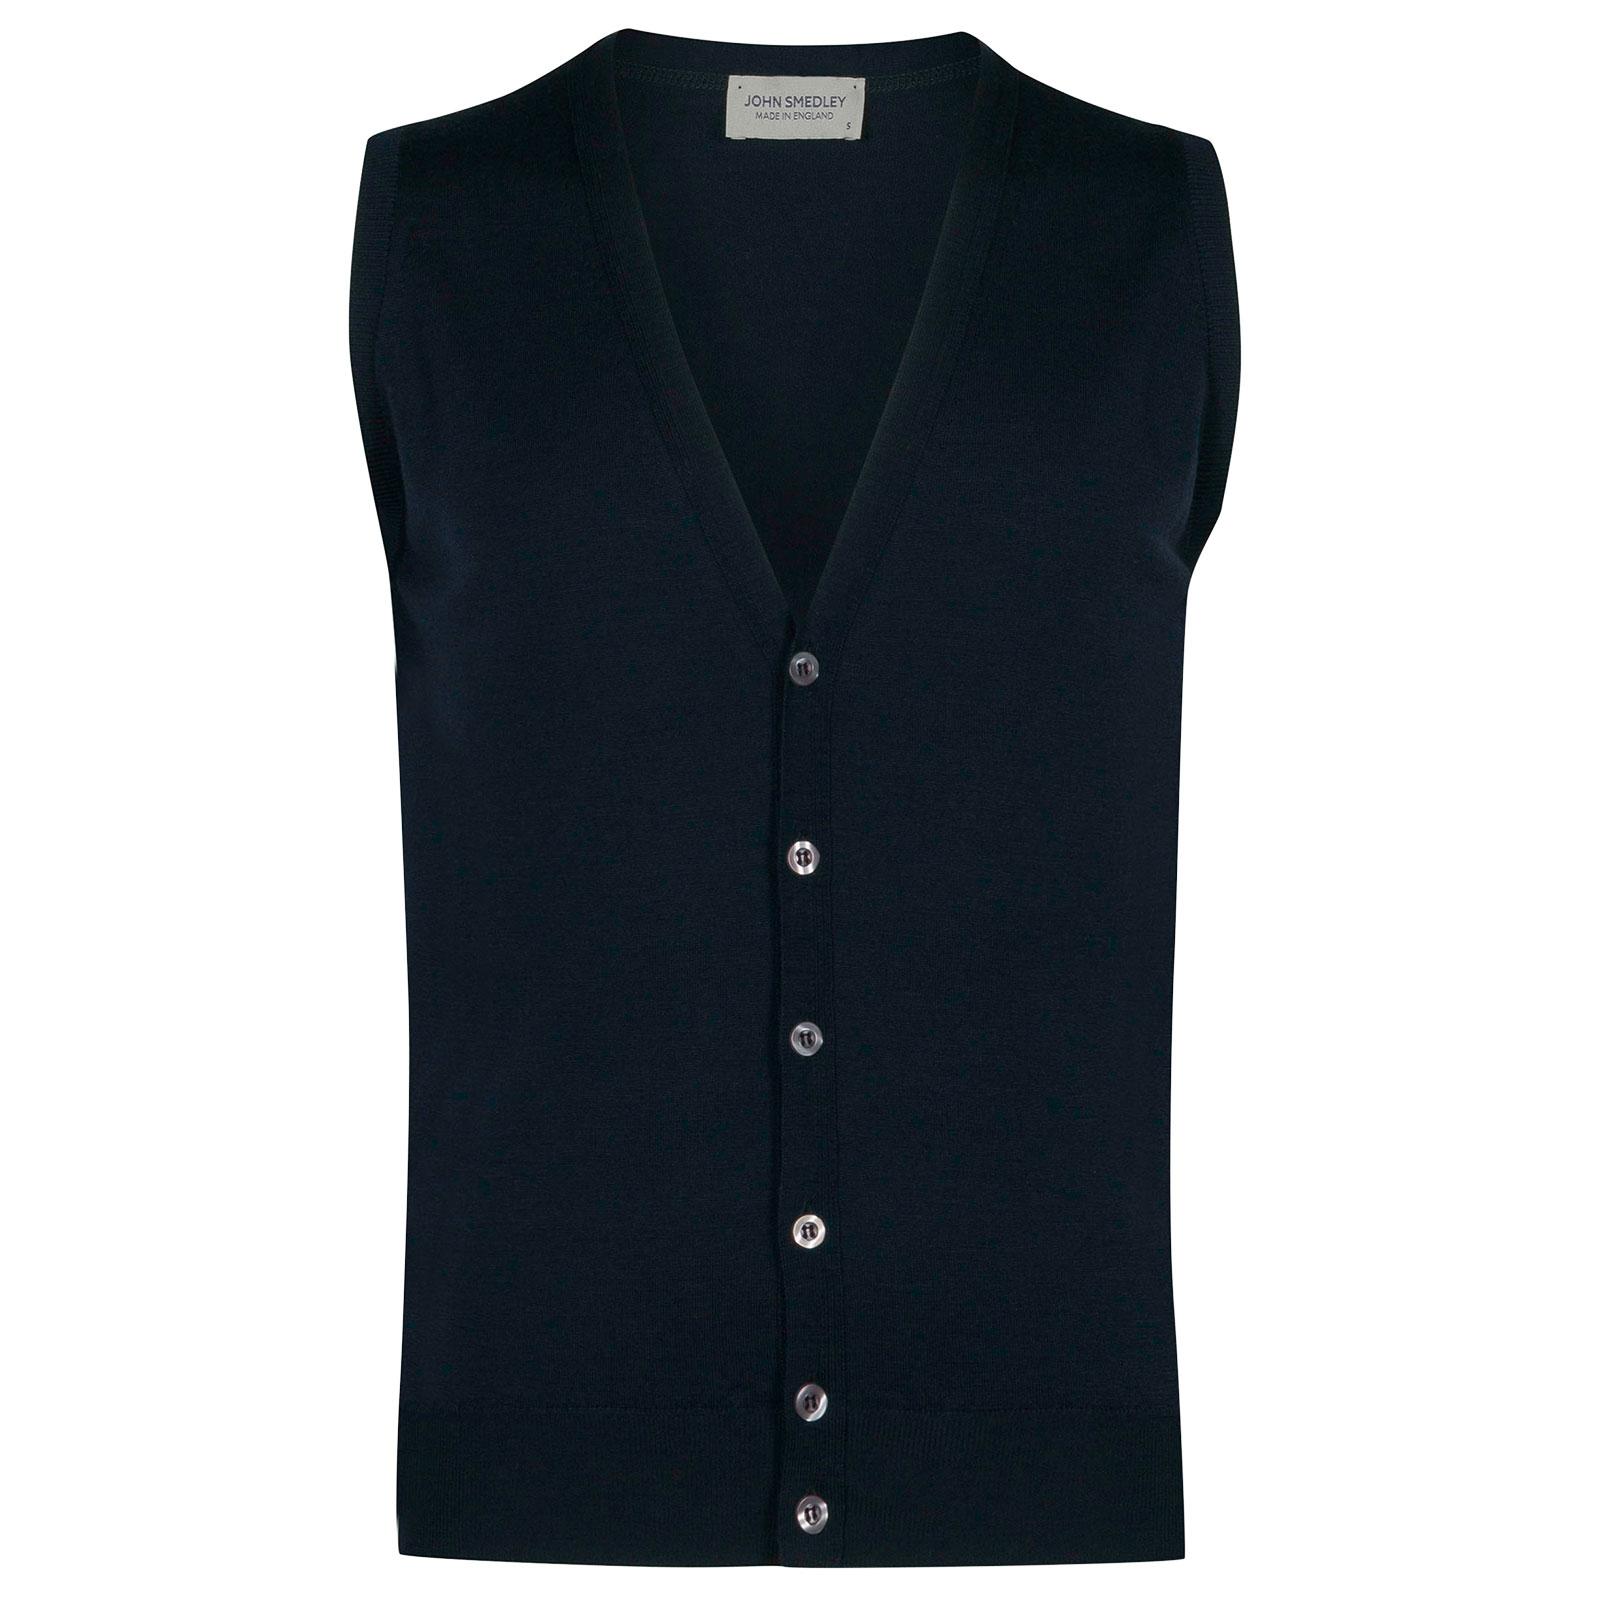 John Smedley HuntswoodMerino Wool Waistcoat in Orion Green-XL